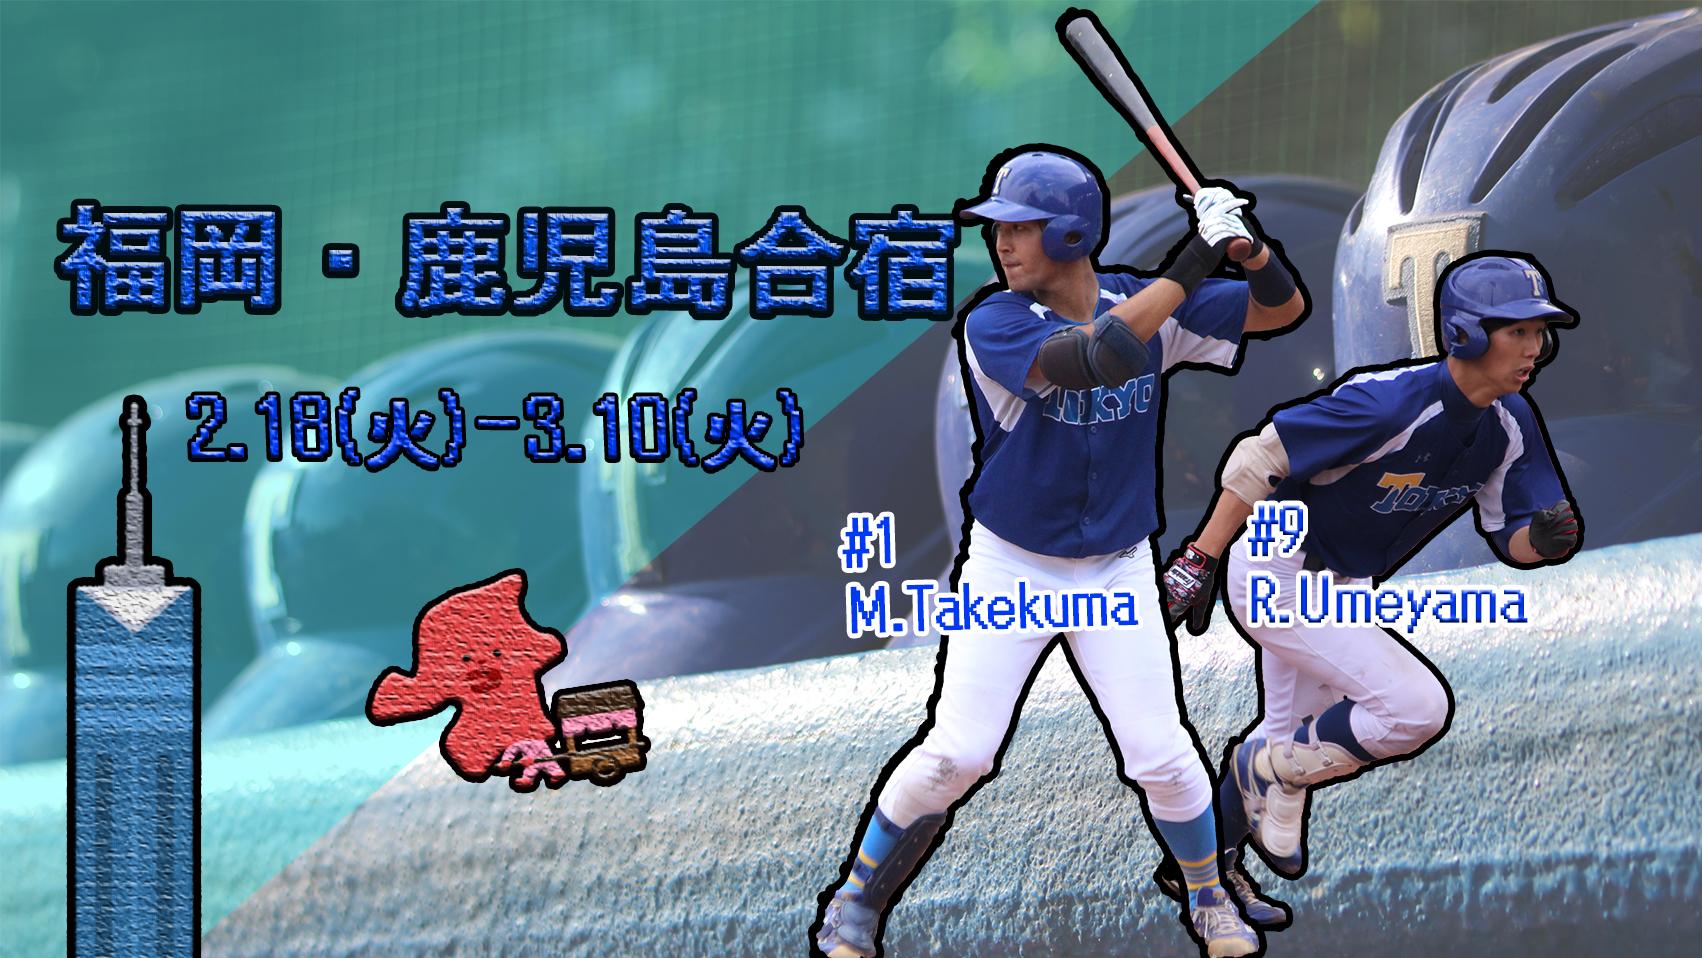 Facebookカバー福岡合宿